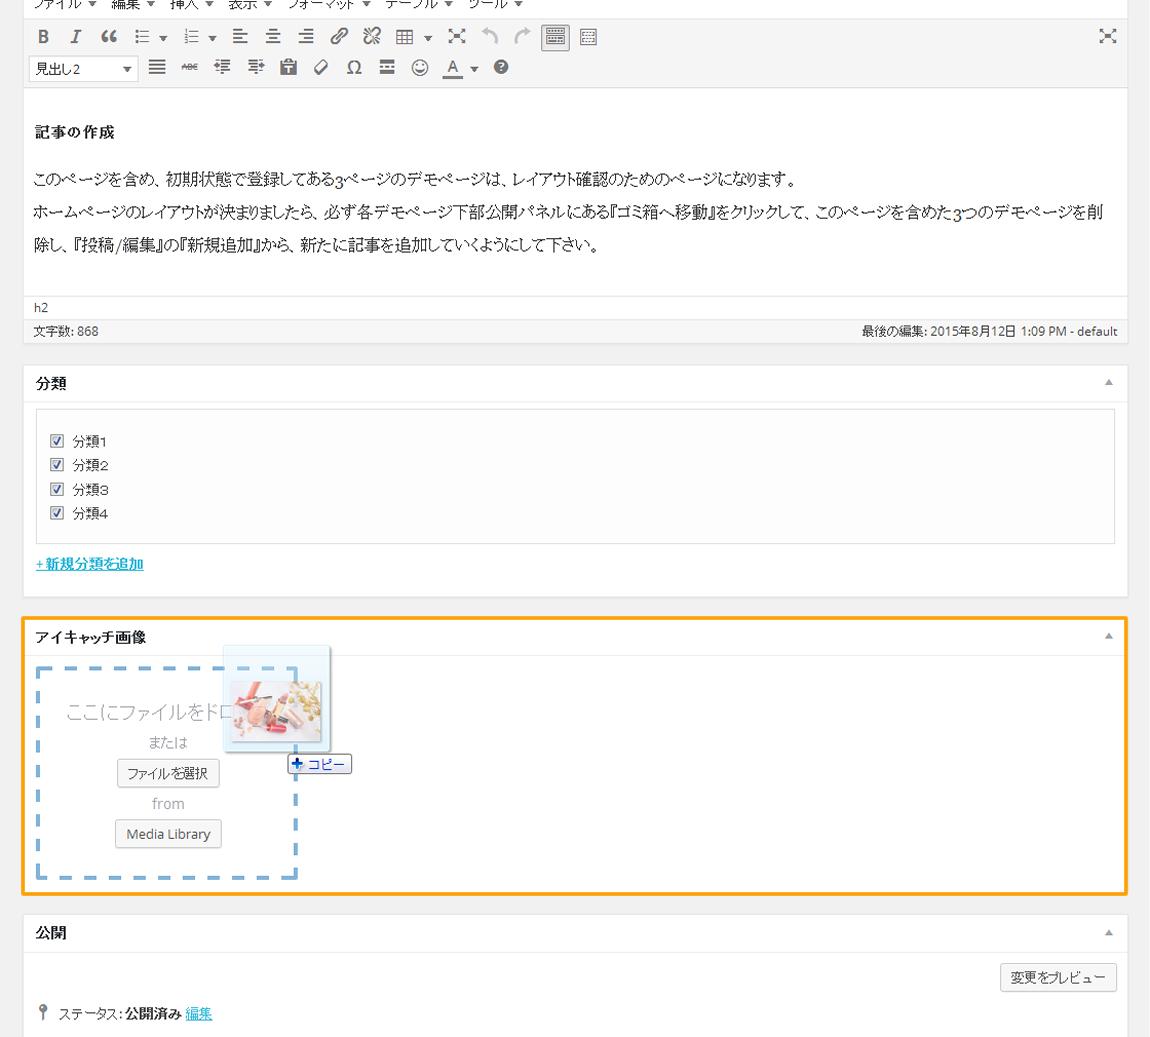 簡単サムネイル設定機能 HOME画面 | 簡単格安ホームページ作成サイト - FunMaker[ファンメイカー]